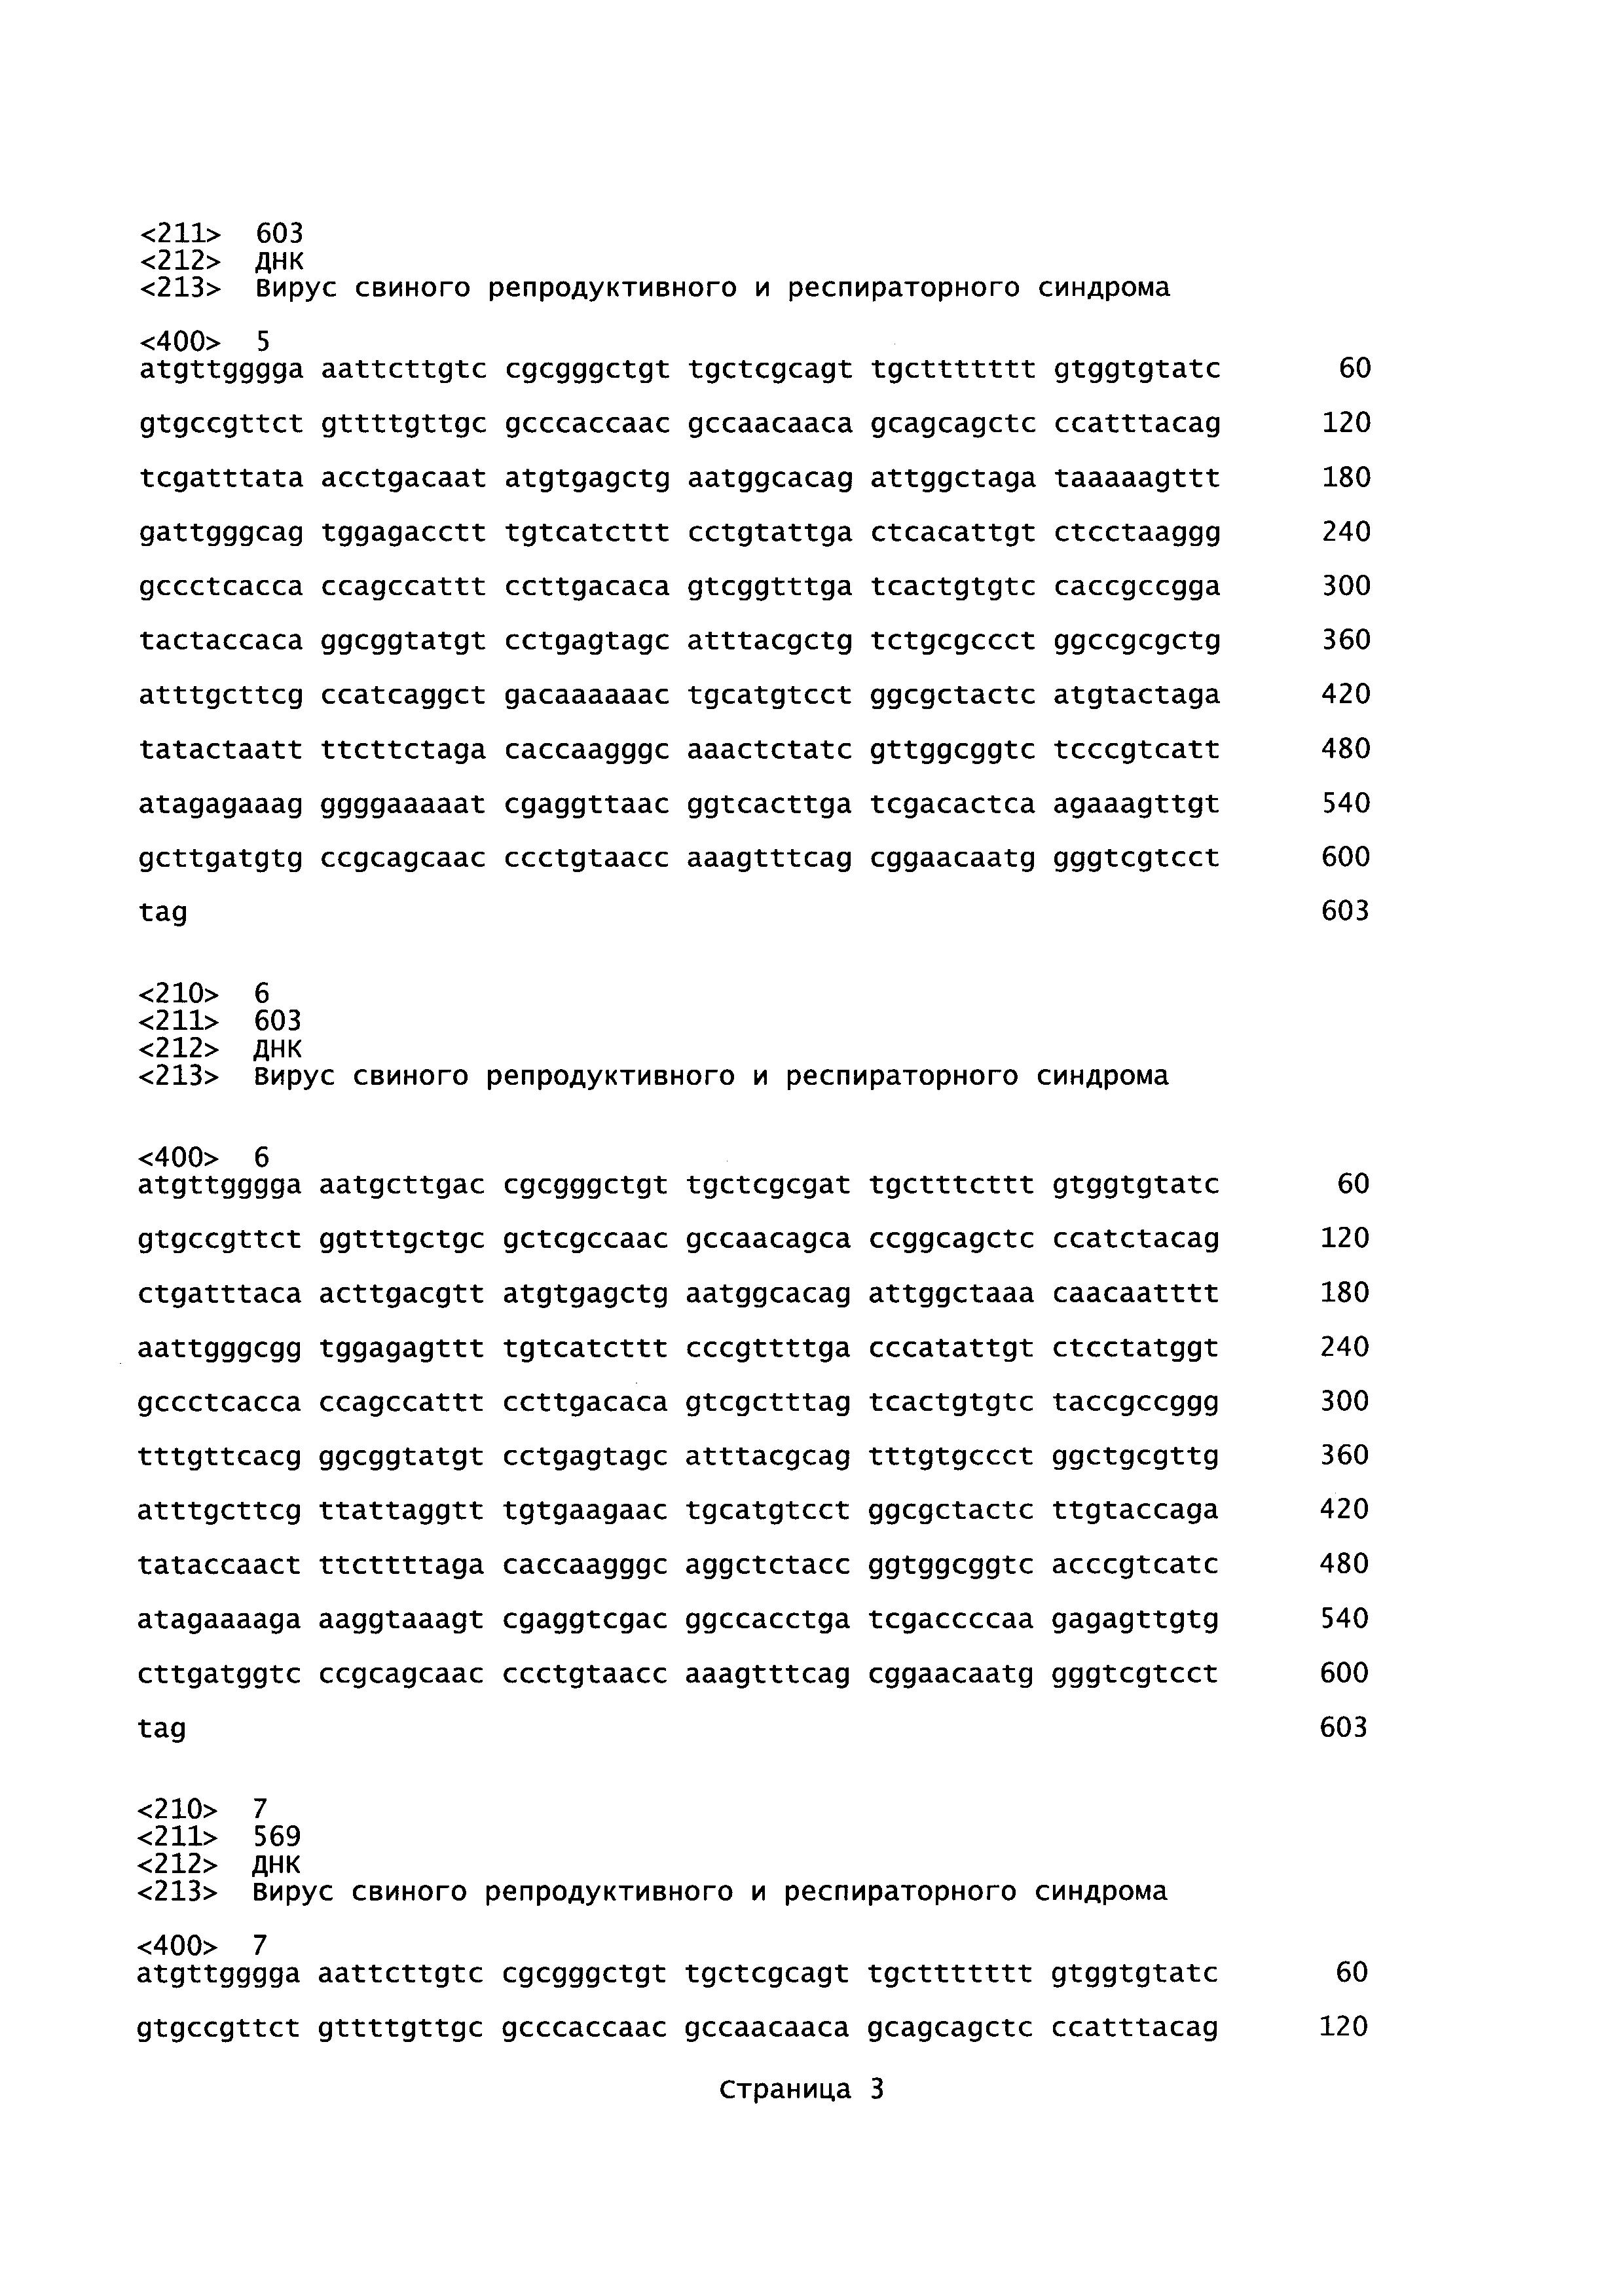 Эмульгированная вакцина для получения концентрированных композиций иммуноглобулинов igy; способы и их применения